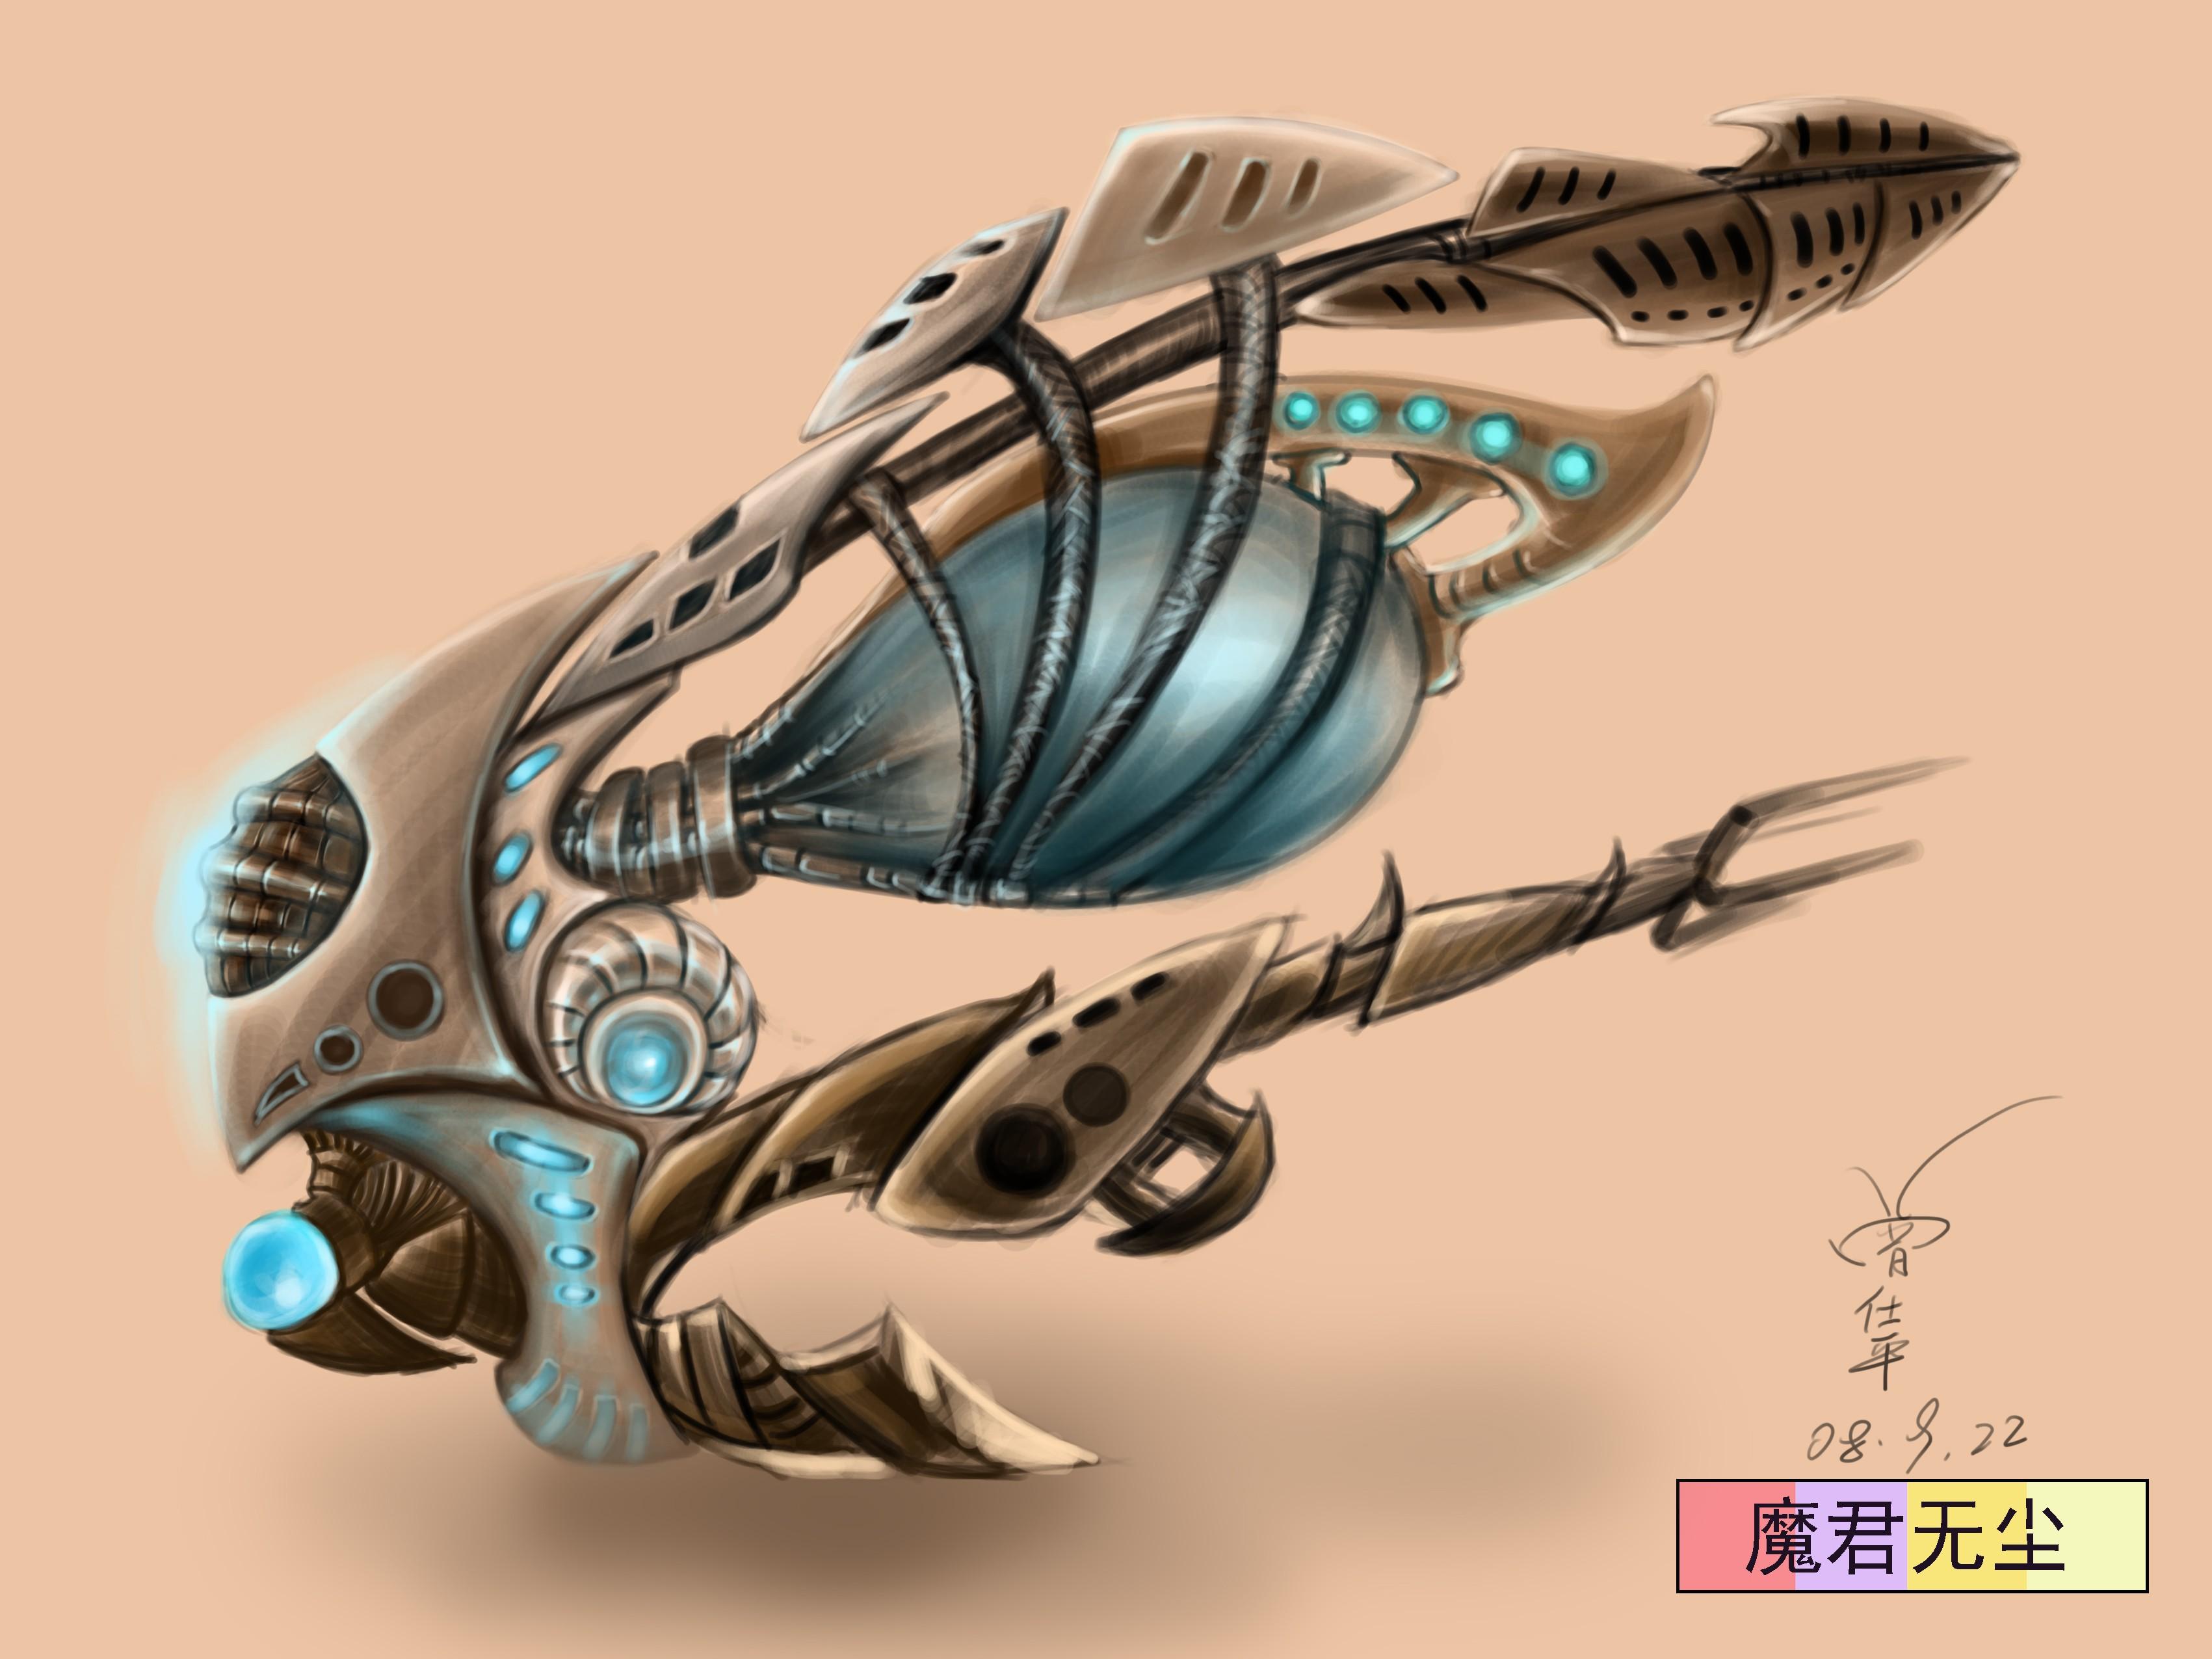 艺考创意设计飞船